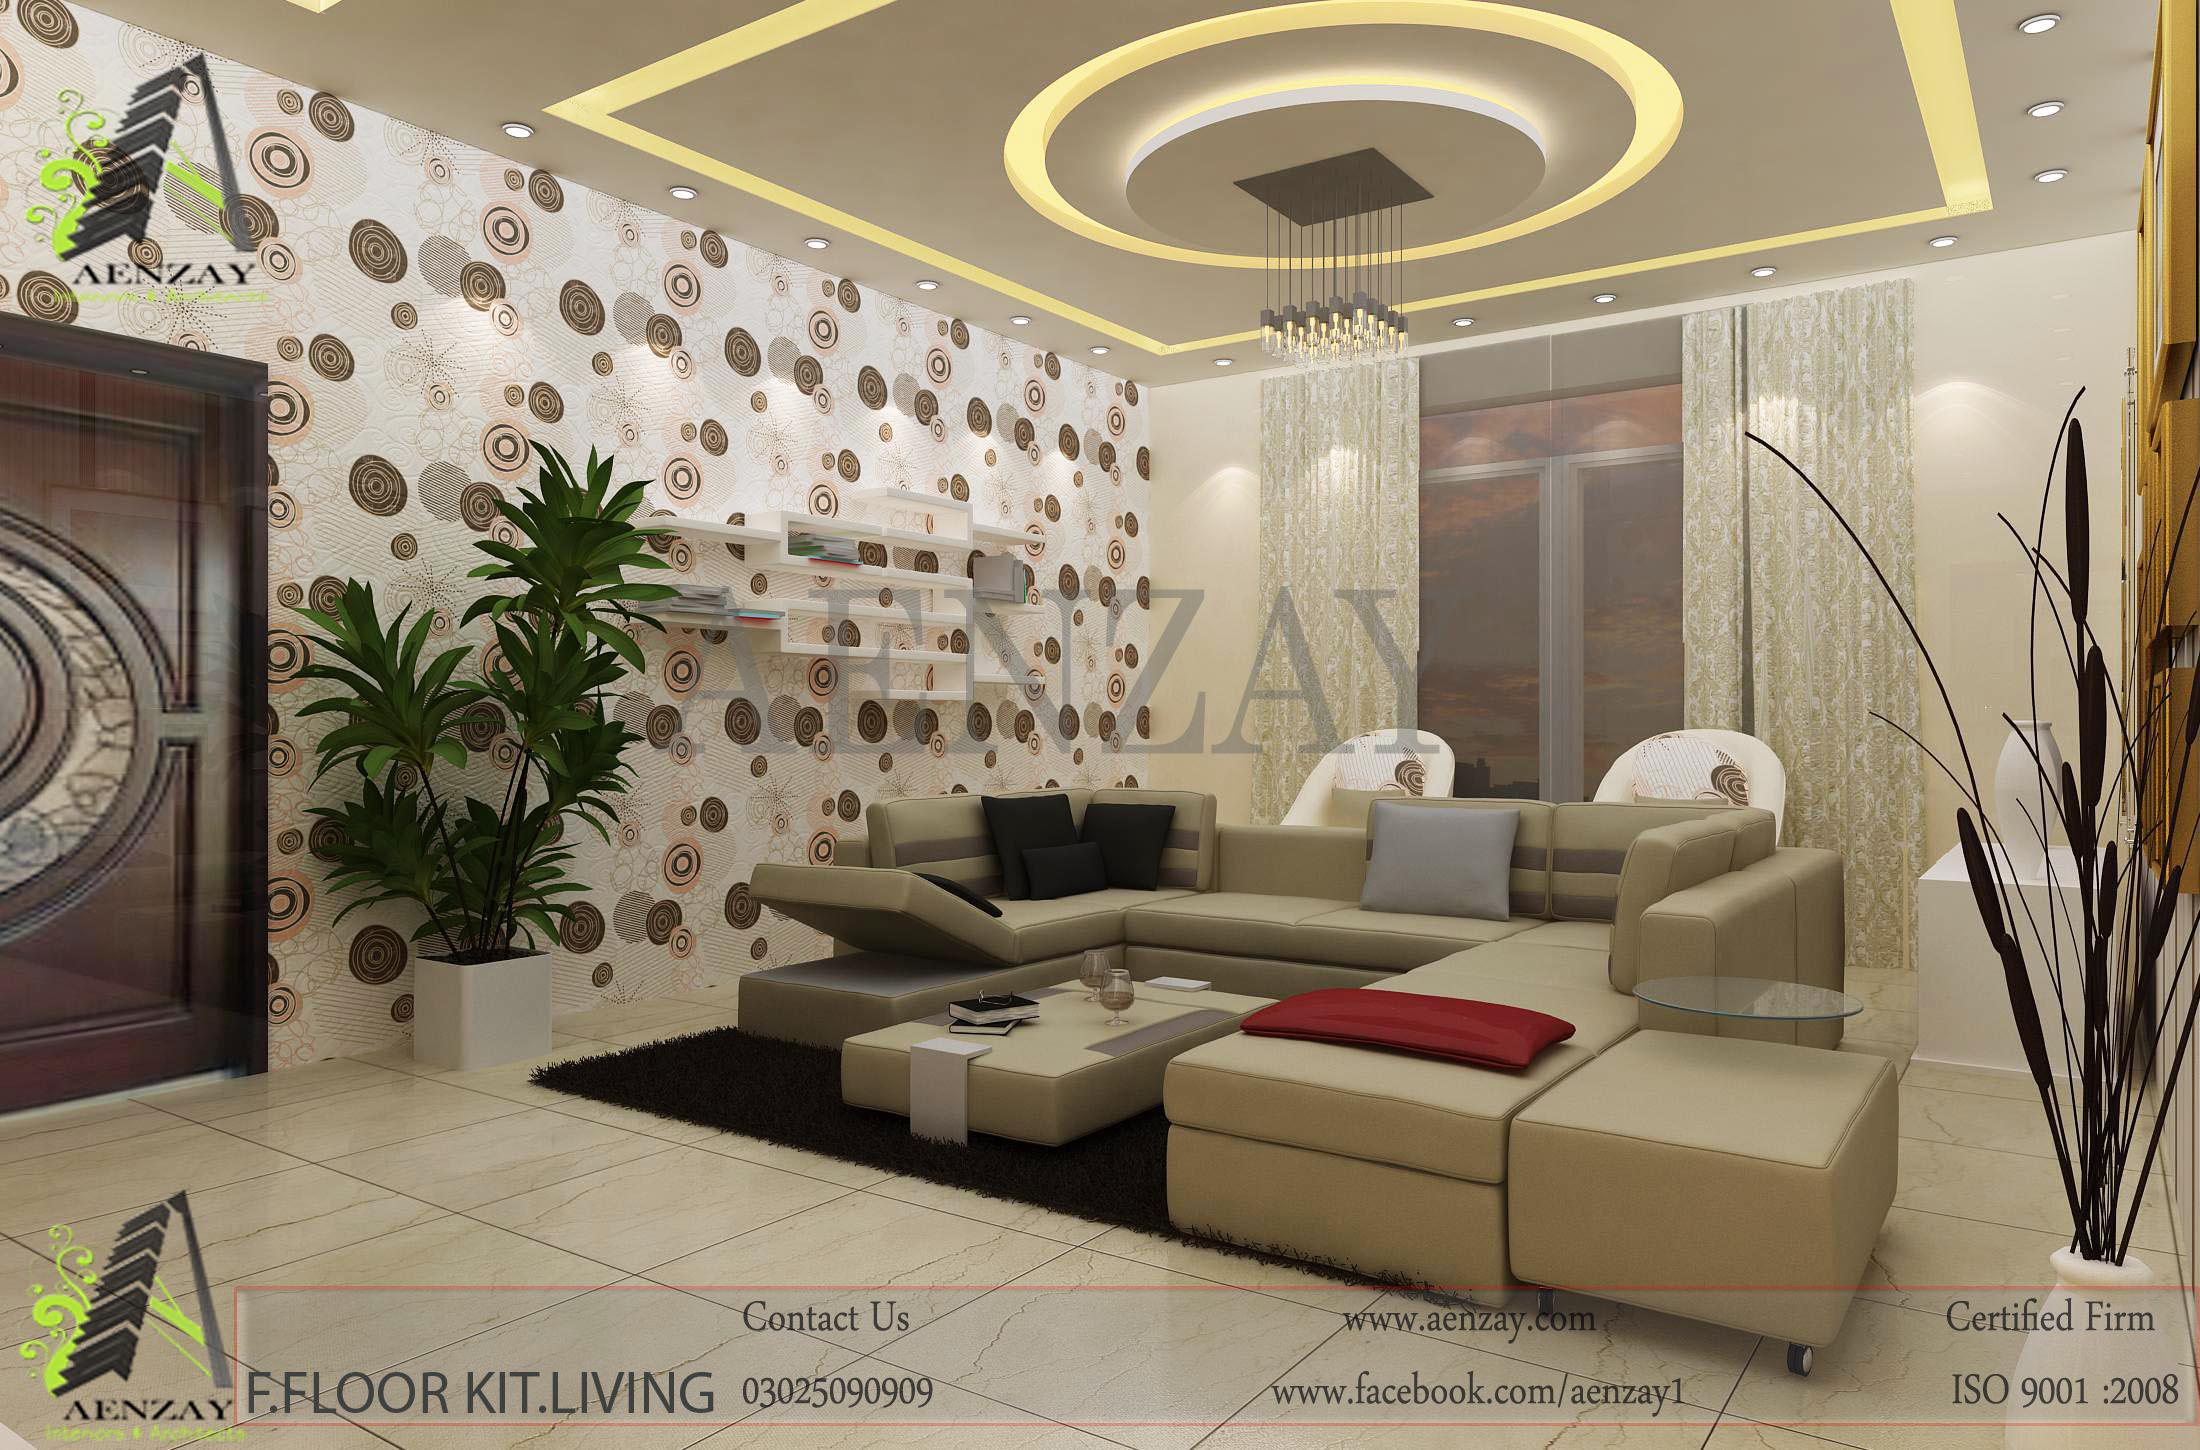 Bahawalpur Project  Living Area Designed by Aenzay  Aenzay Interiors  Architecture